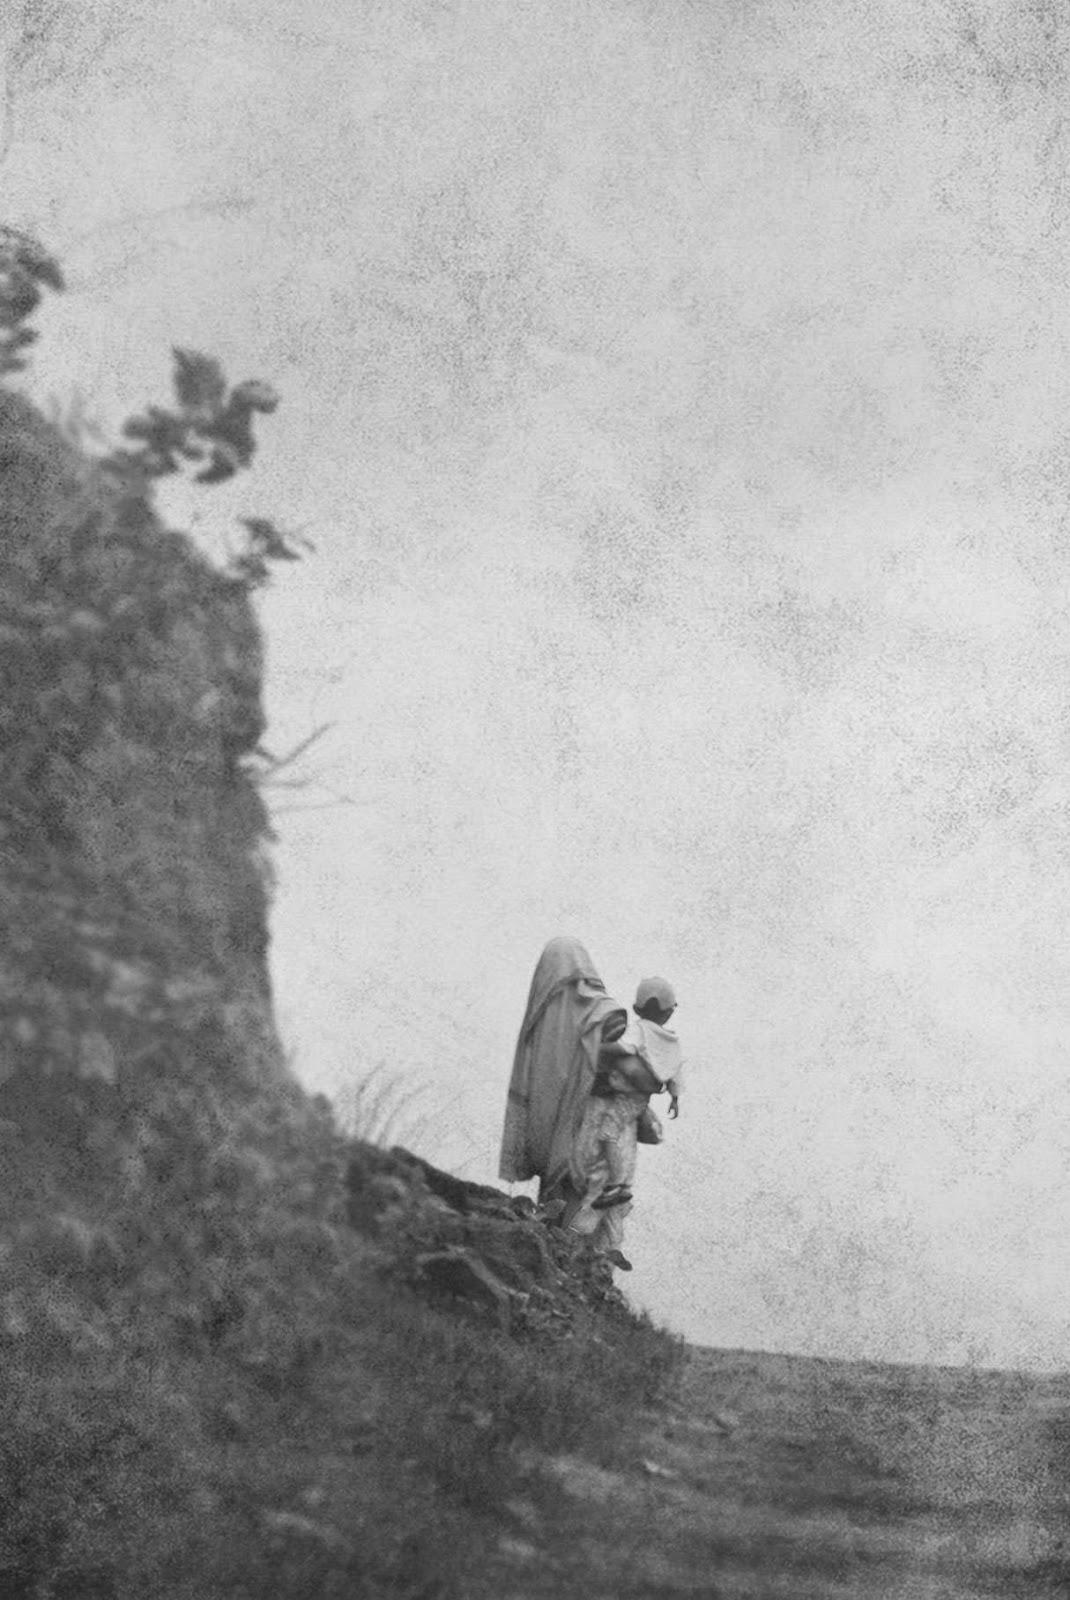 त्या डोंगराच्या आड माझे गाव - मराठी कविता | Tya Dongarachya Aad Majhe Gaav - Marathi Kavita